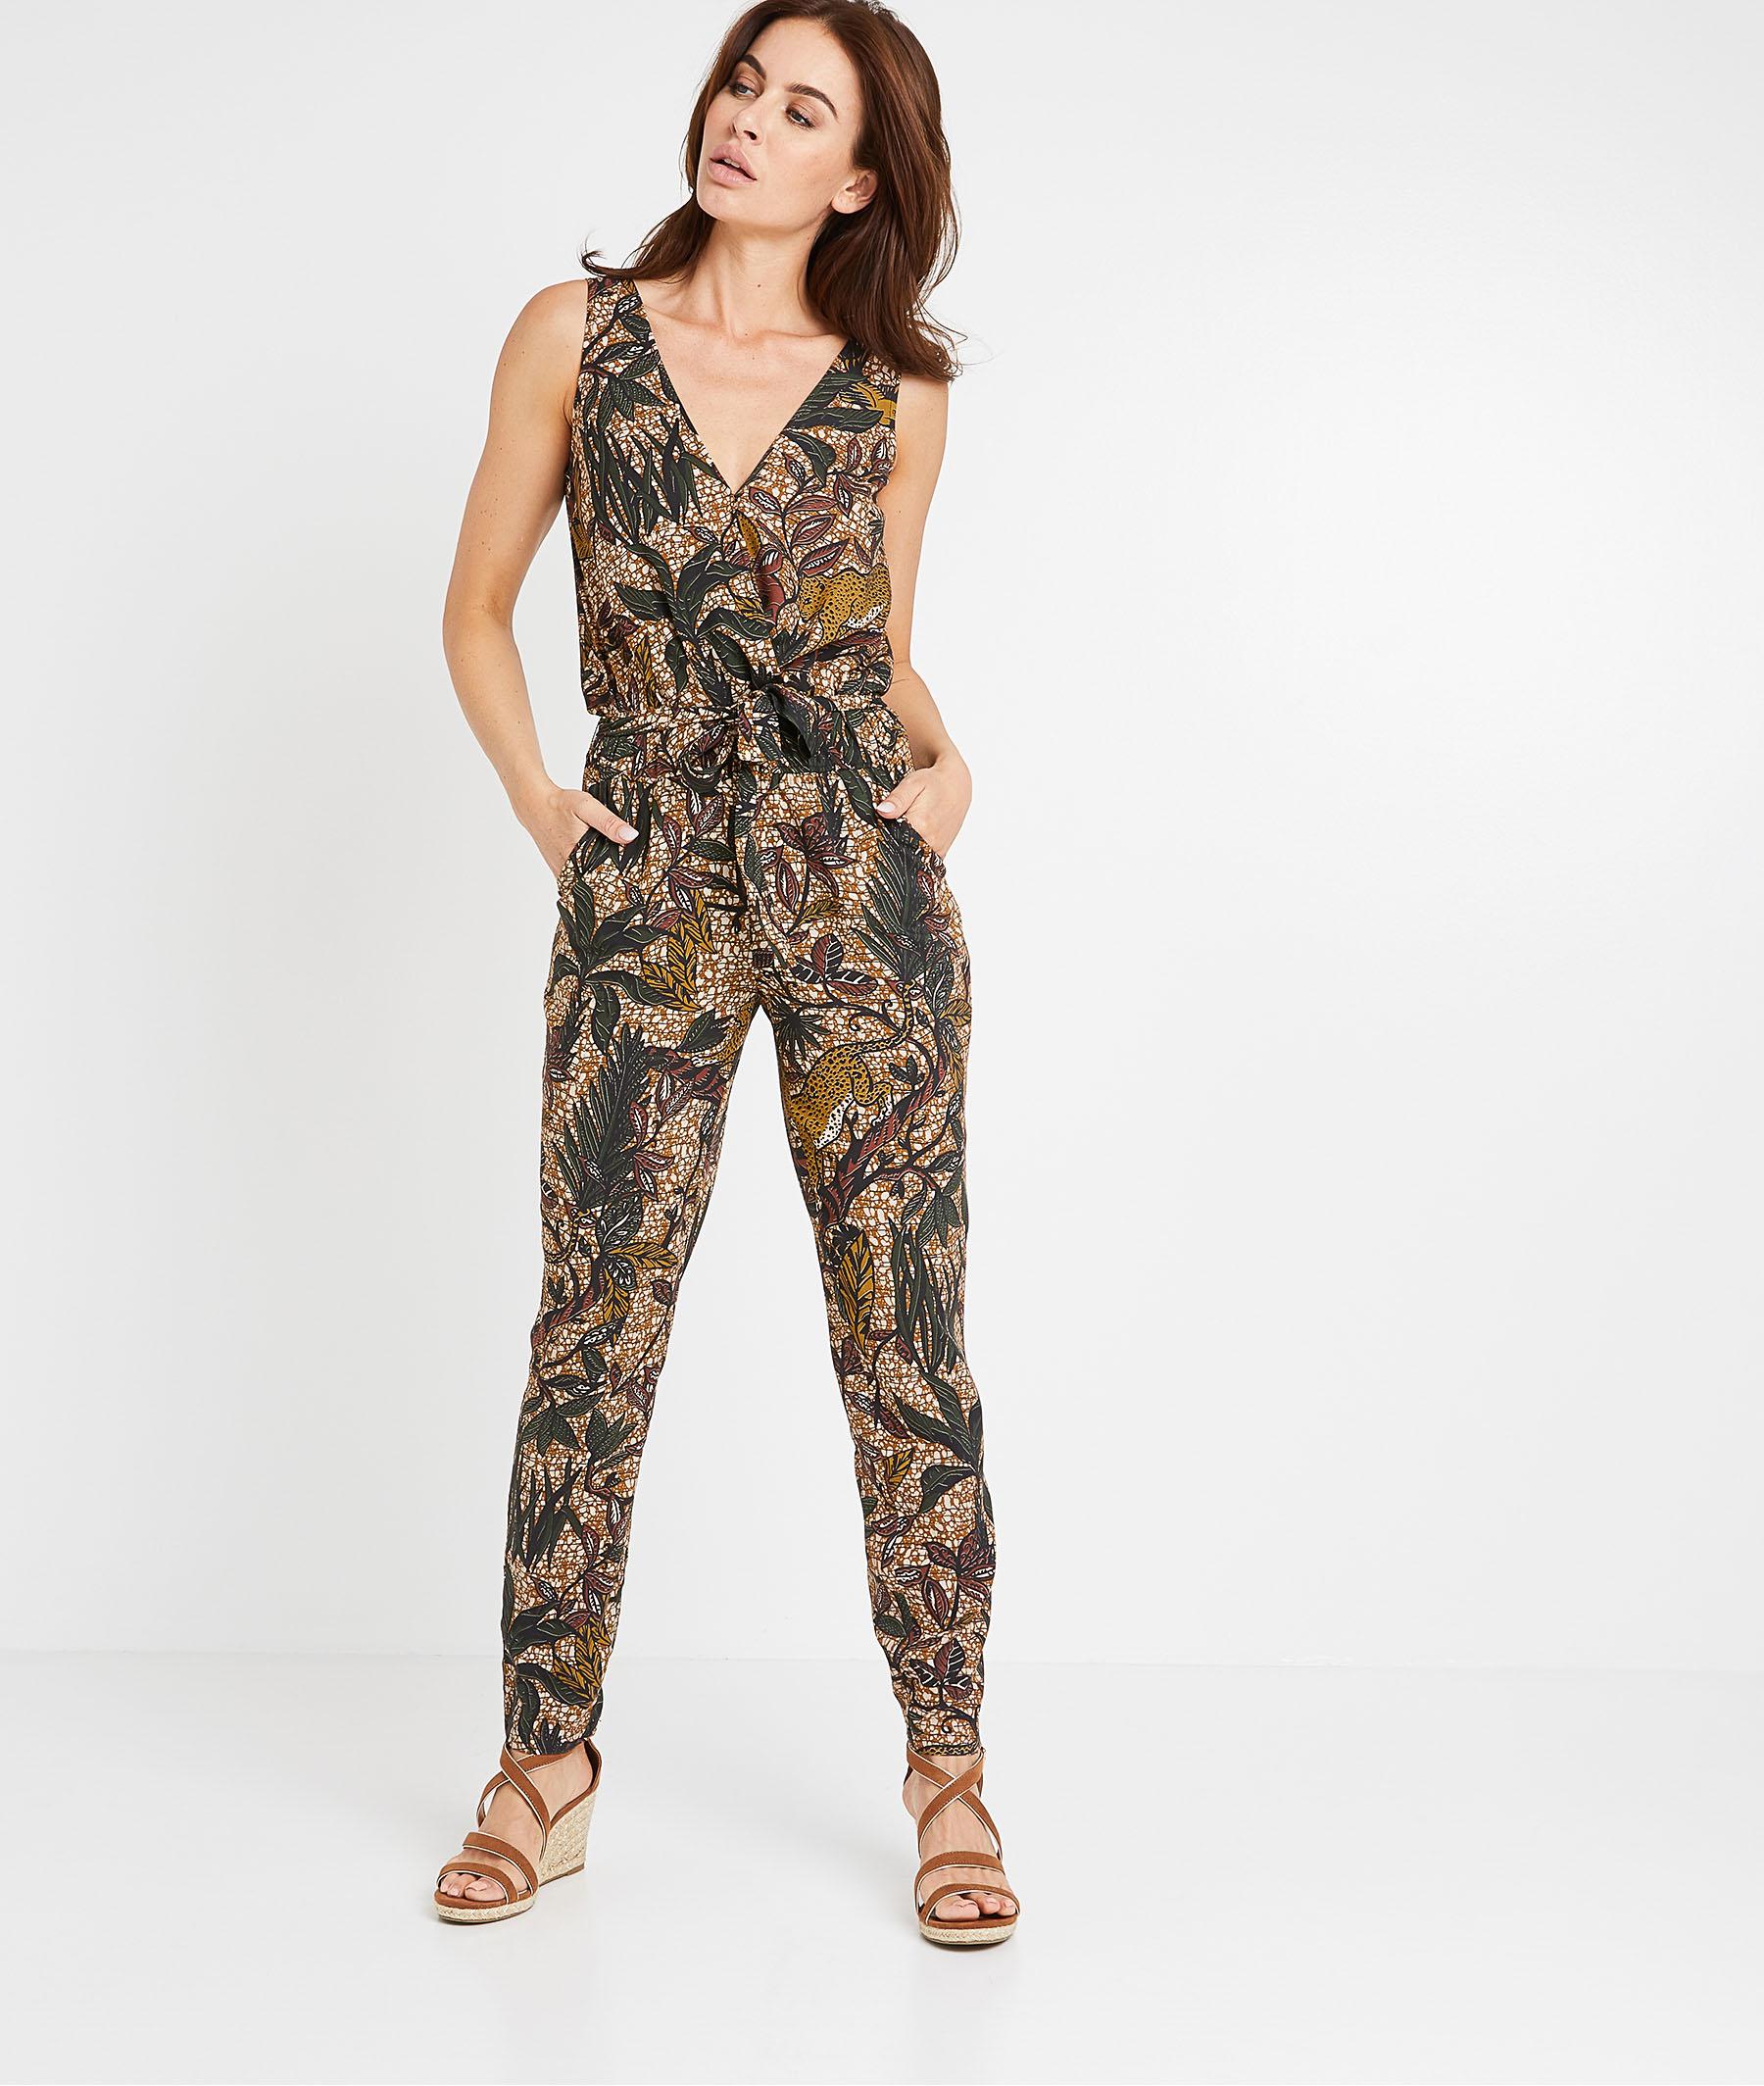 Combi-pantalon imprimée femme CAMEL